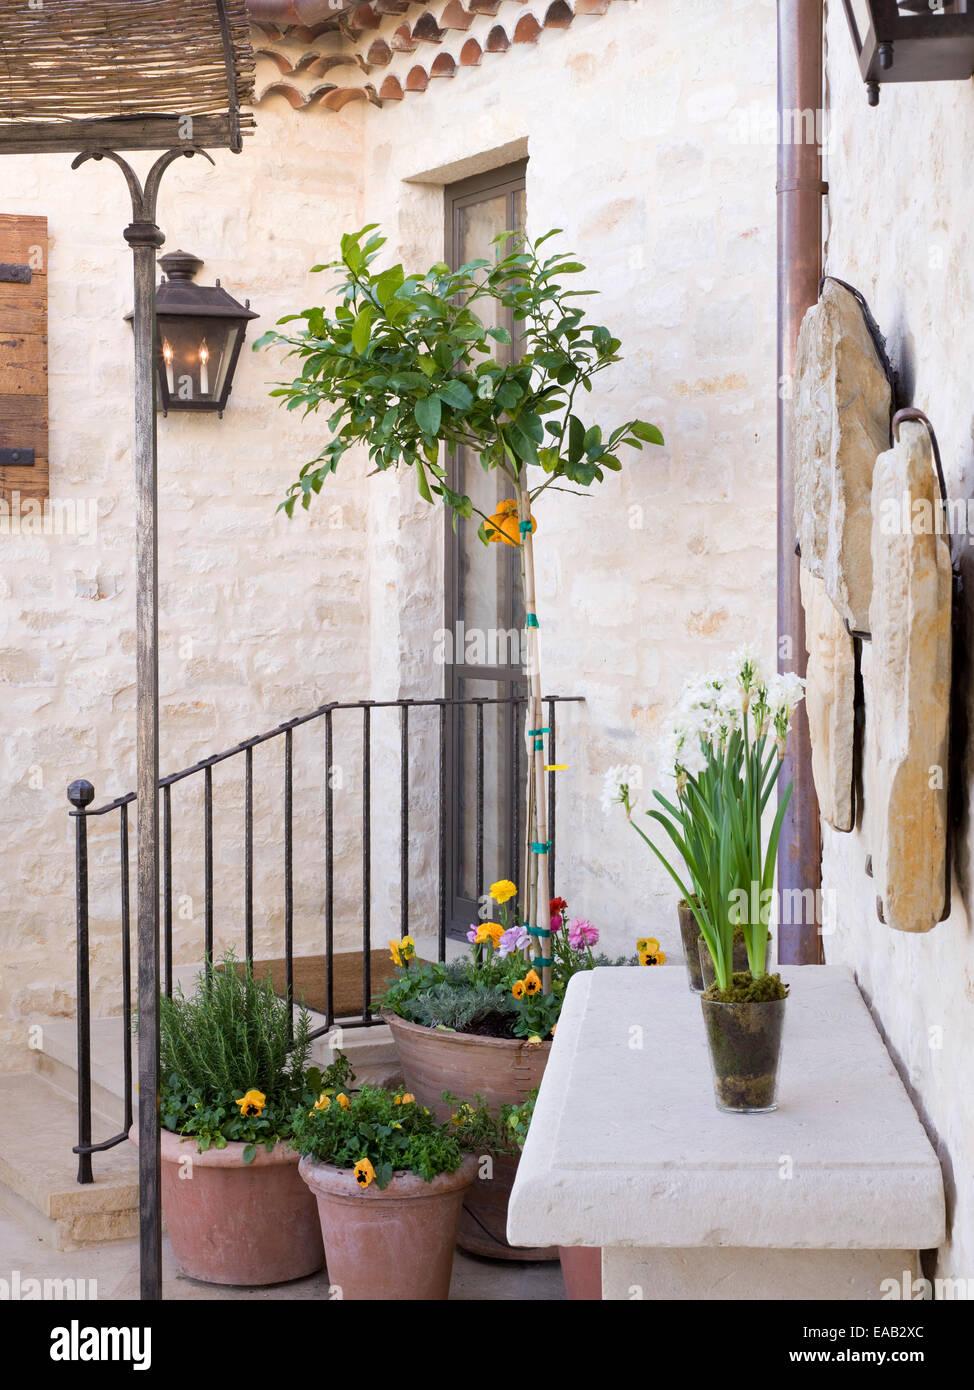 steinernen Terrasse mit Gartenbausteinen Stockbild